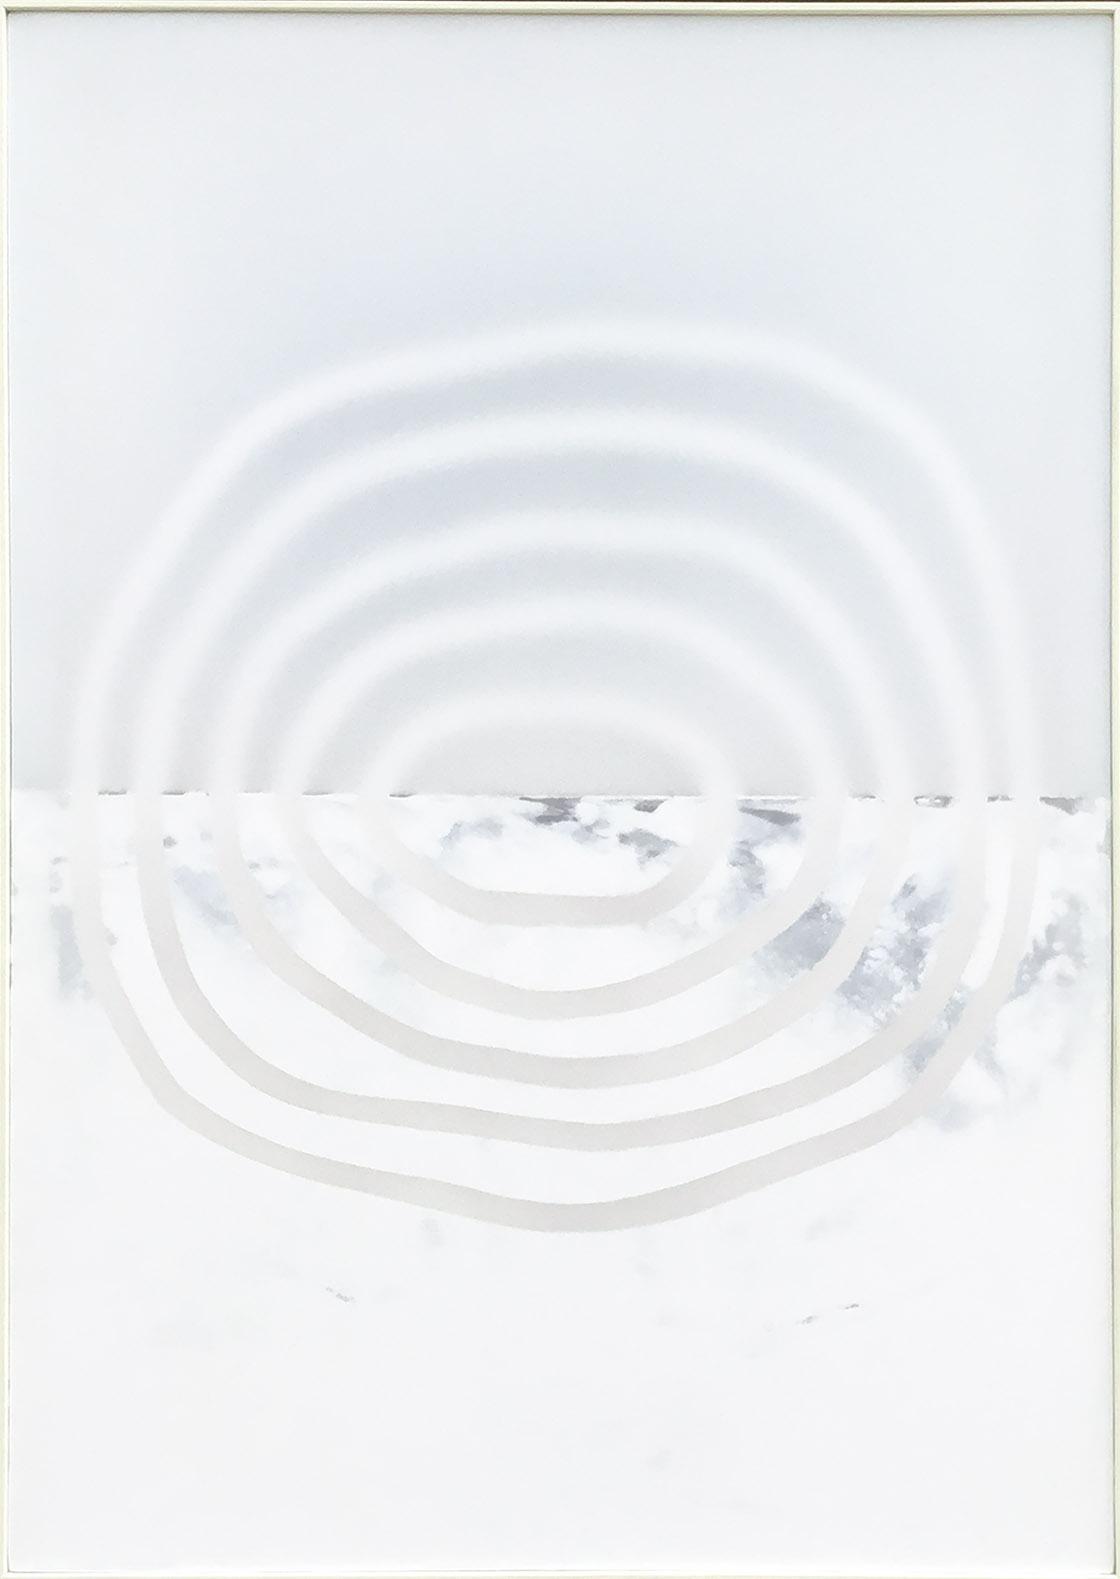 'Innere Ferne 37, 2020' - Udo Nöger at Kostuik Gallery